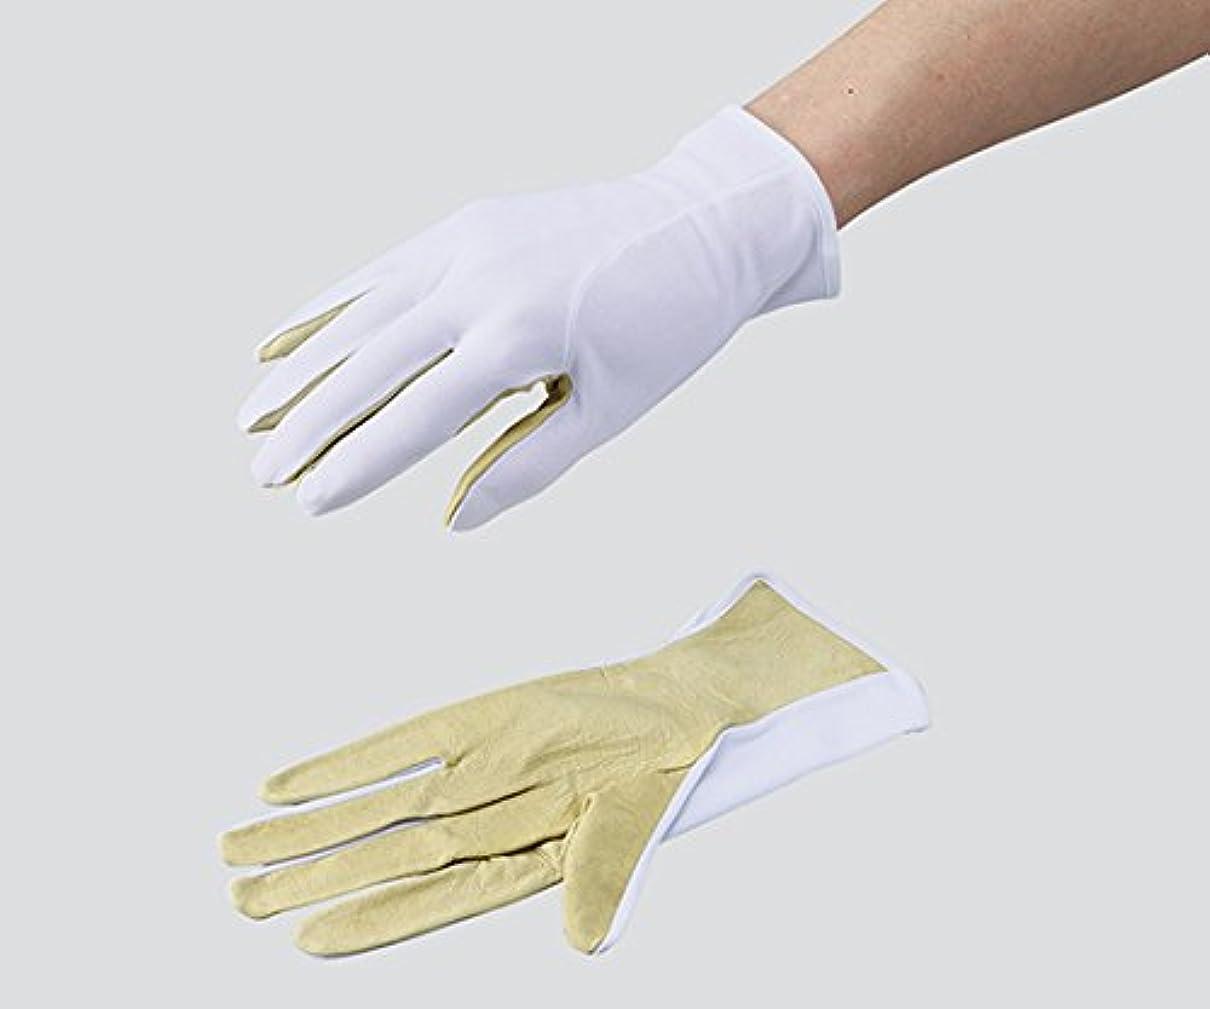 借りる閲覧する赤3-6076-02革手ライナー手袋ポップハンド(R)MP-805